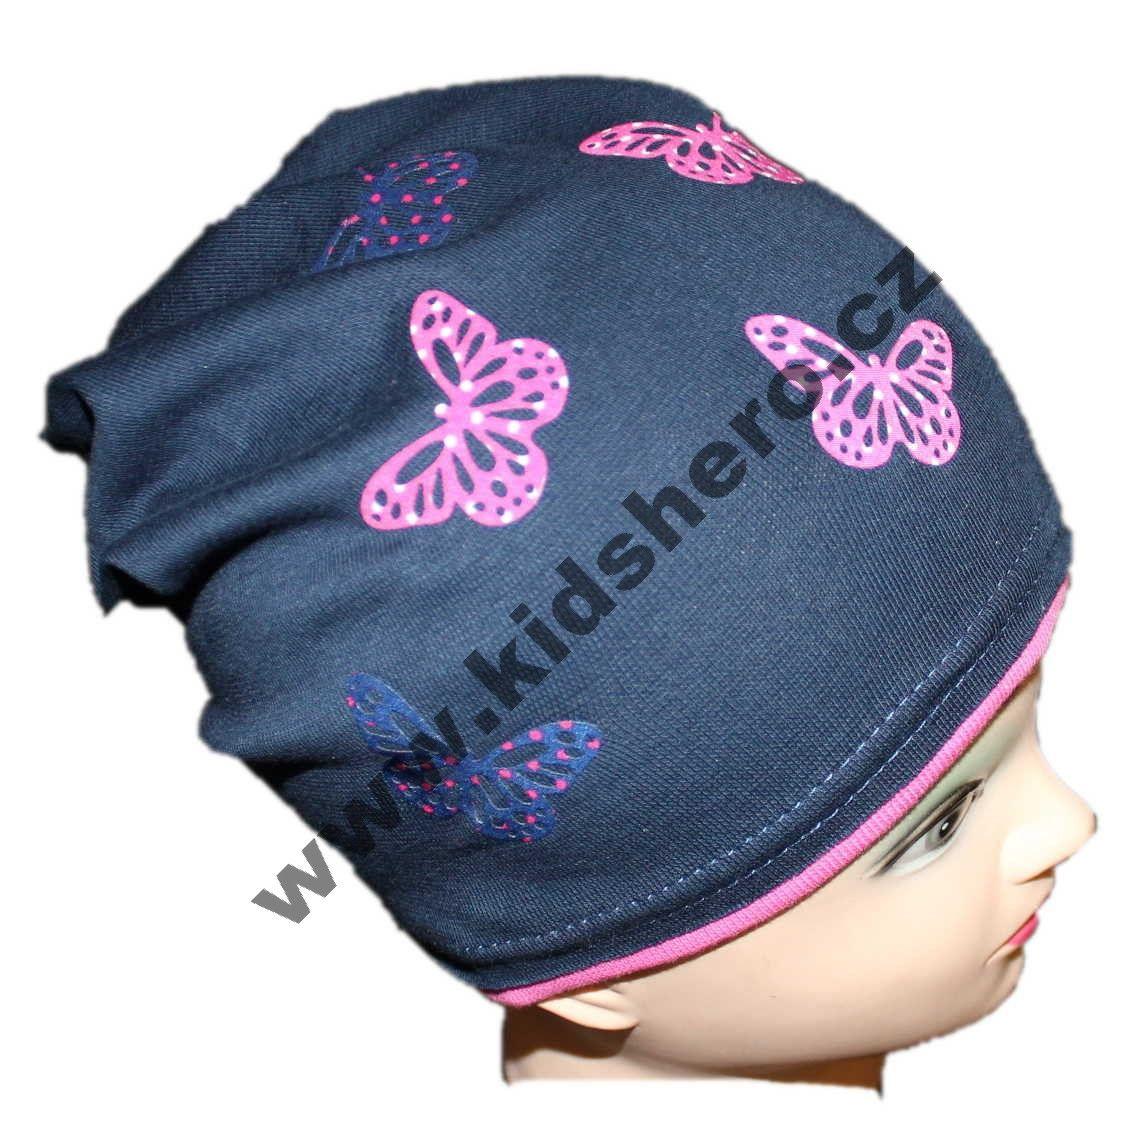 dětská bavlněná čepice se spadlým vrškem, dívčí čepice, jarní čepice, chlapecká čepice